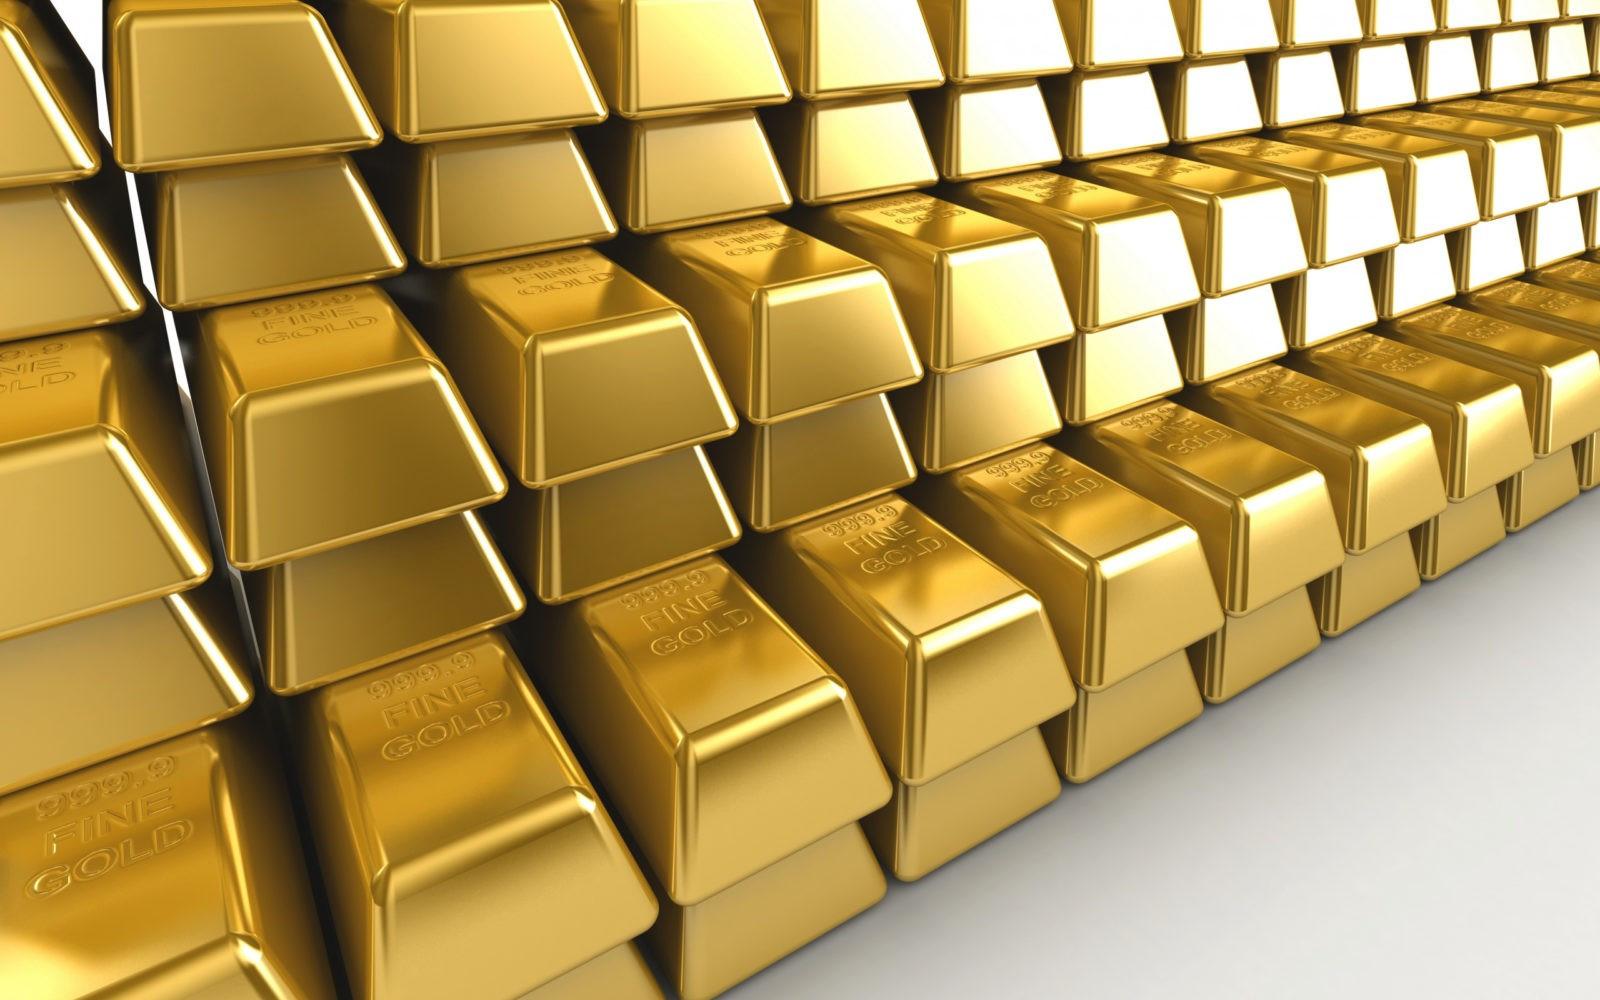 Emas tembus ke atas level $1.800, sementara paladium turun lebih dari $100 sehari